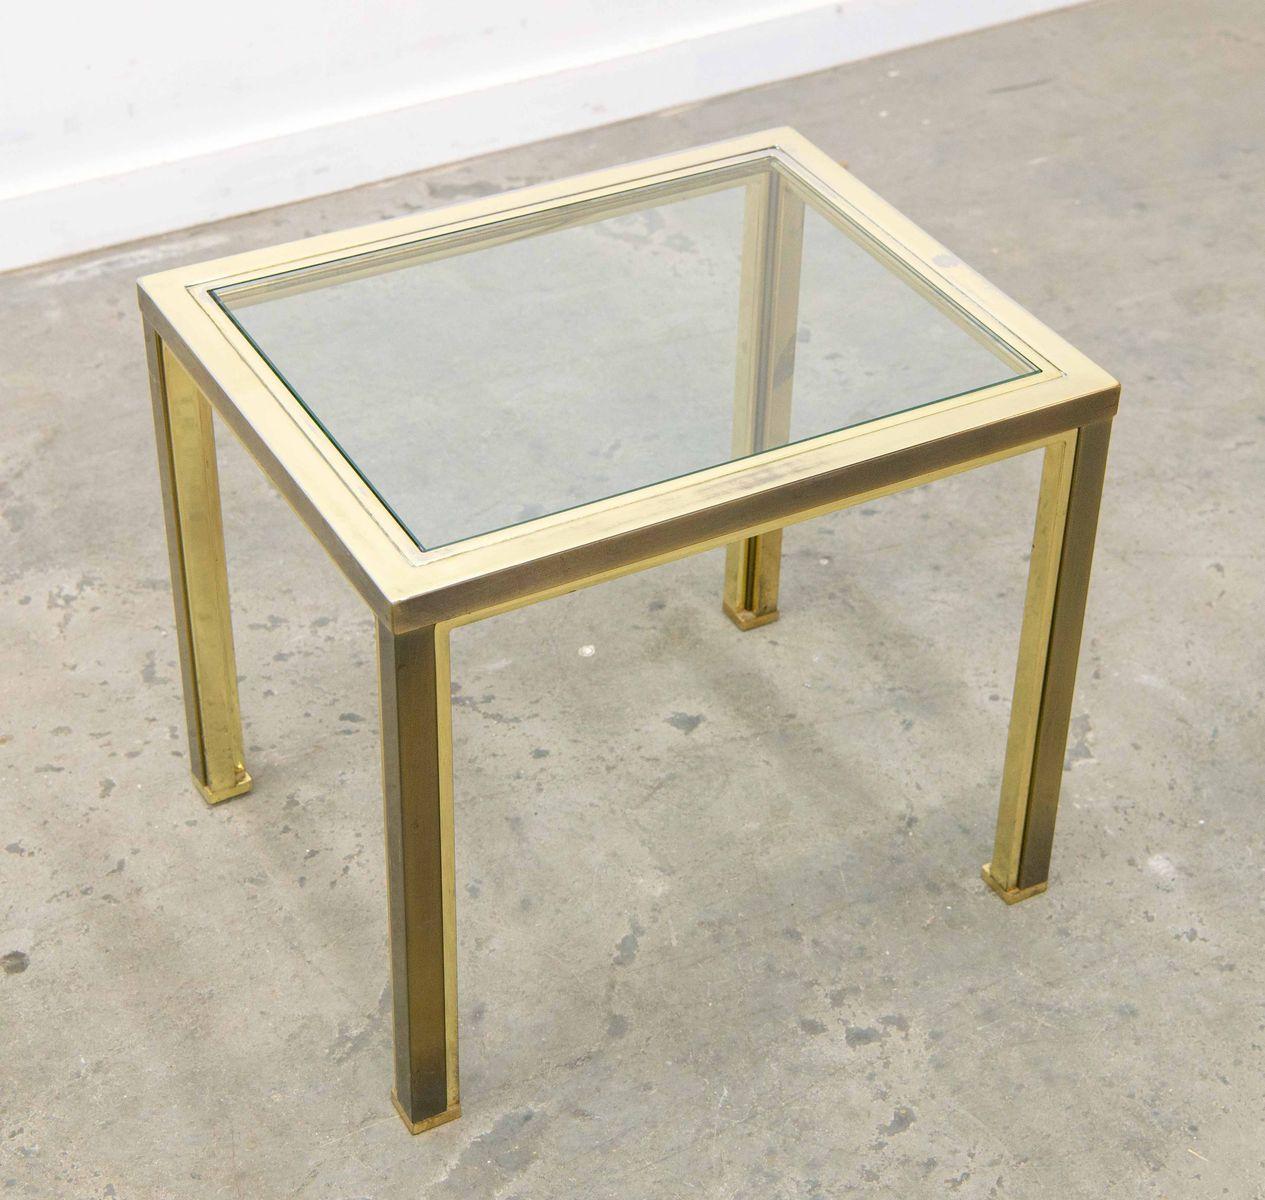 beistelltisch mit glas und 23 karat vergoldung von belgo chrom 1980er bei pamono kaufen. Black Bedroom Furniture Sets. Home Design Ideas